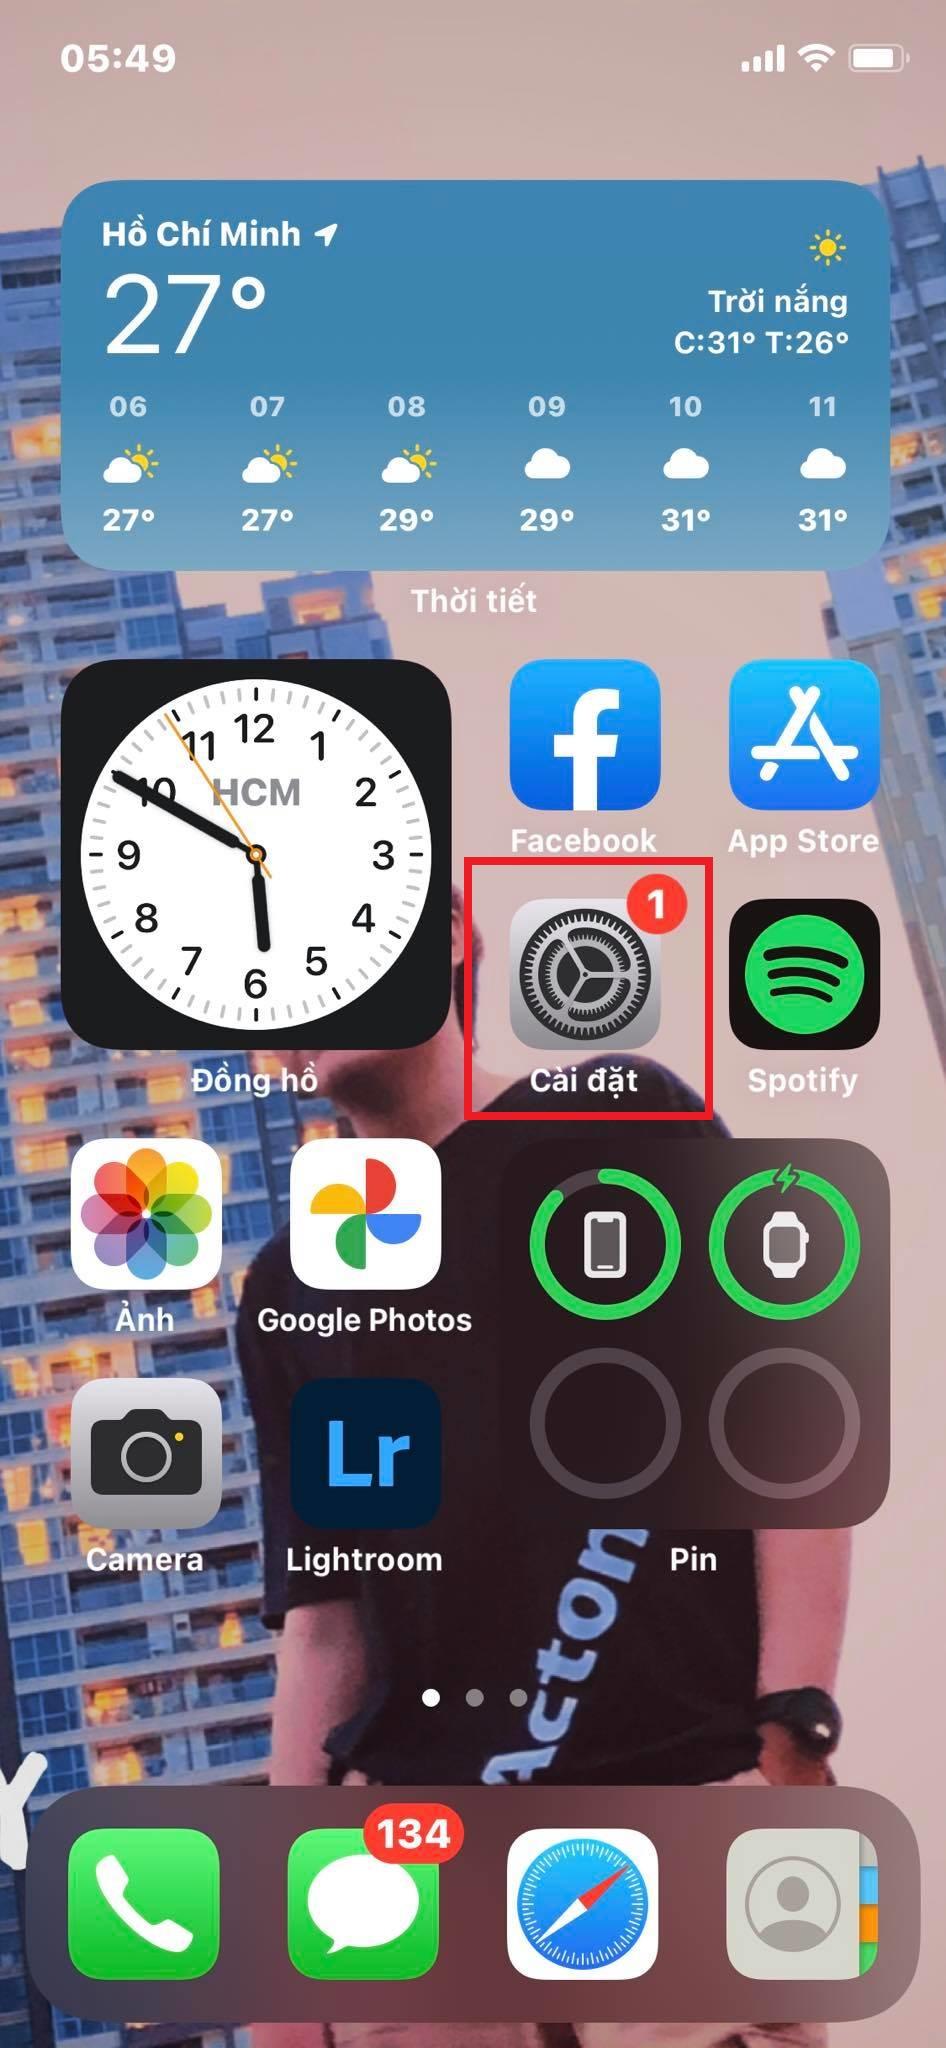 Sforum - Trang thông tin công nghệ mới nhất 235064342_421172135980134_232858478532983697_n-1 Hướng dẫn đăng ký iCloud trên web, iPhone và iPad